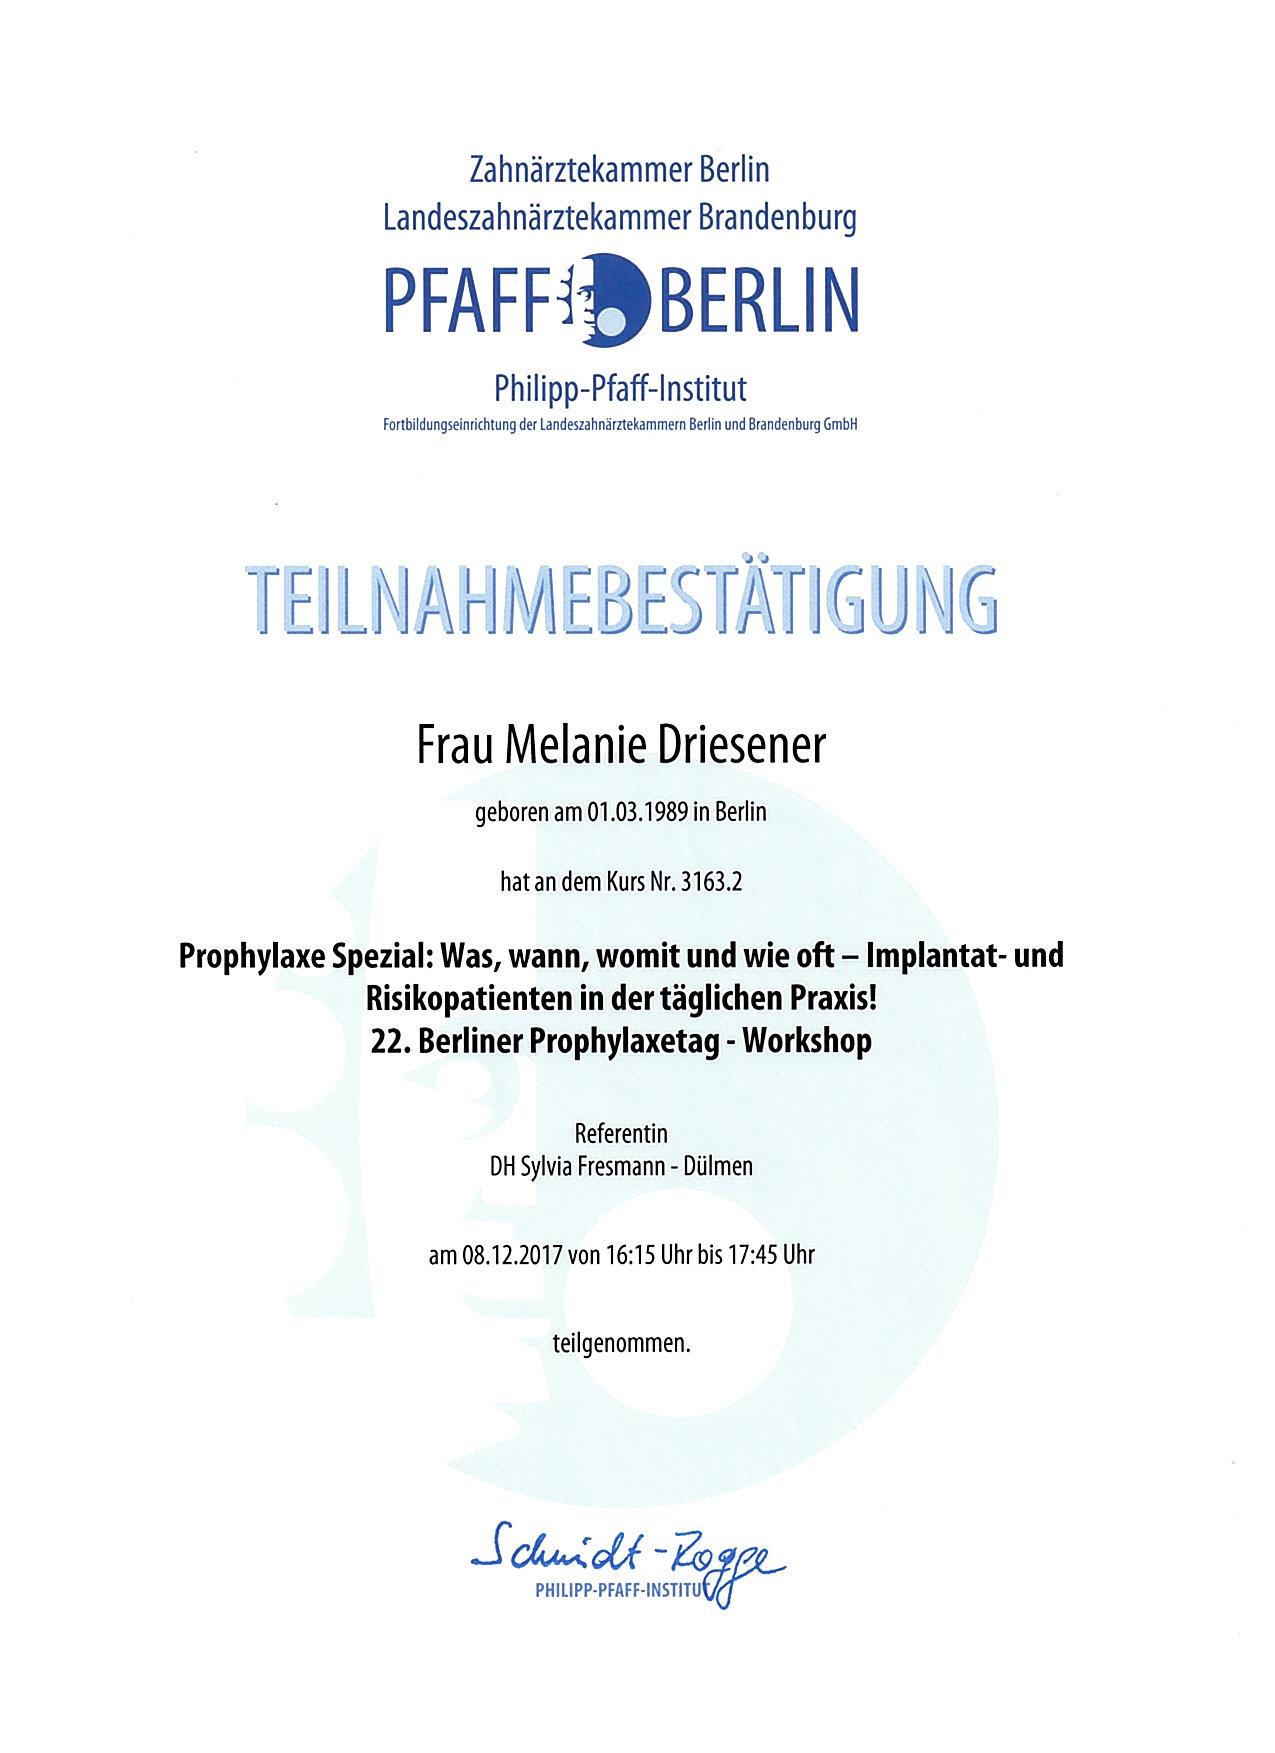 Melanie_Driesener 22. Berliner Prophylaxetag